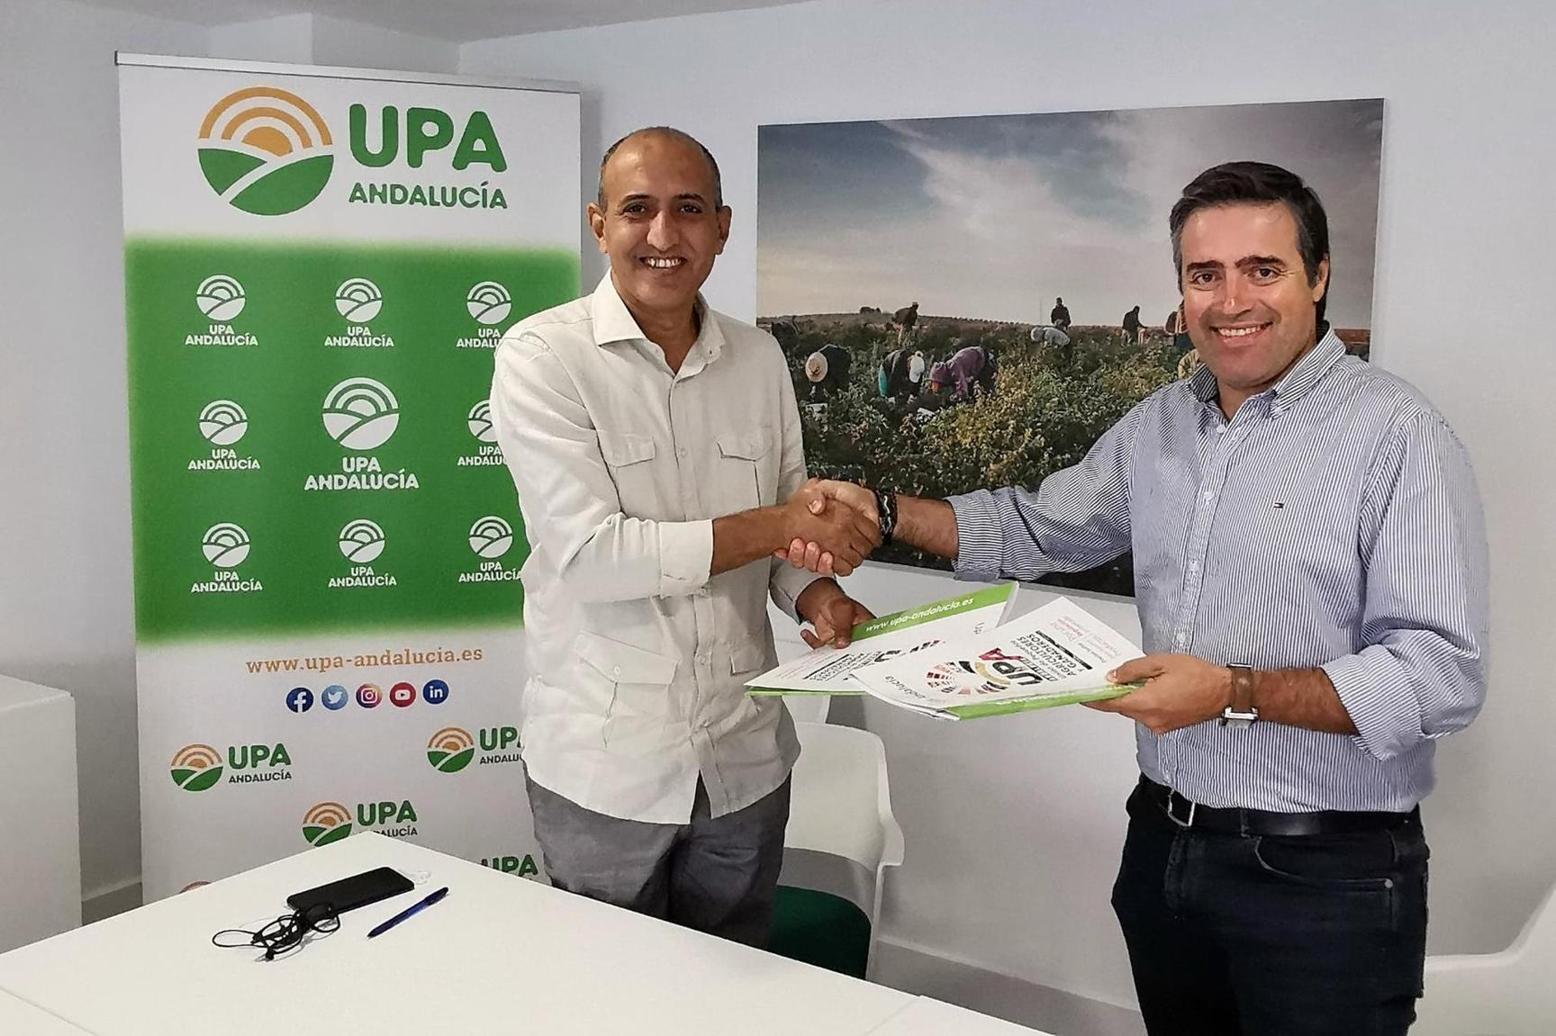 تطبيقا لحكم محكمة العدل الأوروبية: جبهة البوليساريو توقع اتفاقية مع منظمة المزارعين ومربي المواشي الإسبانية